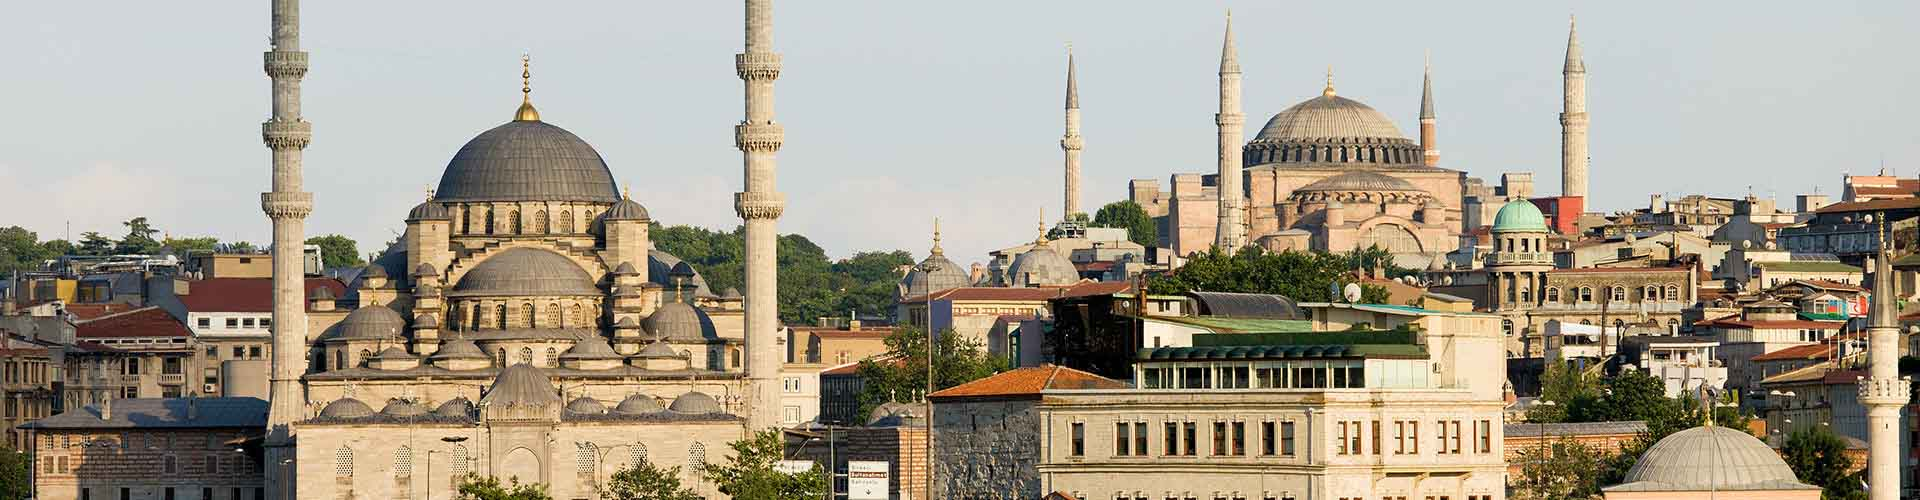 이스탄불 - 이스탄불에 위치한 캠핑장.  이스탄불의 지도, 이스탄불에 위치한 캠핑장에 대한 사진 및 리뷰.